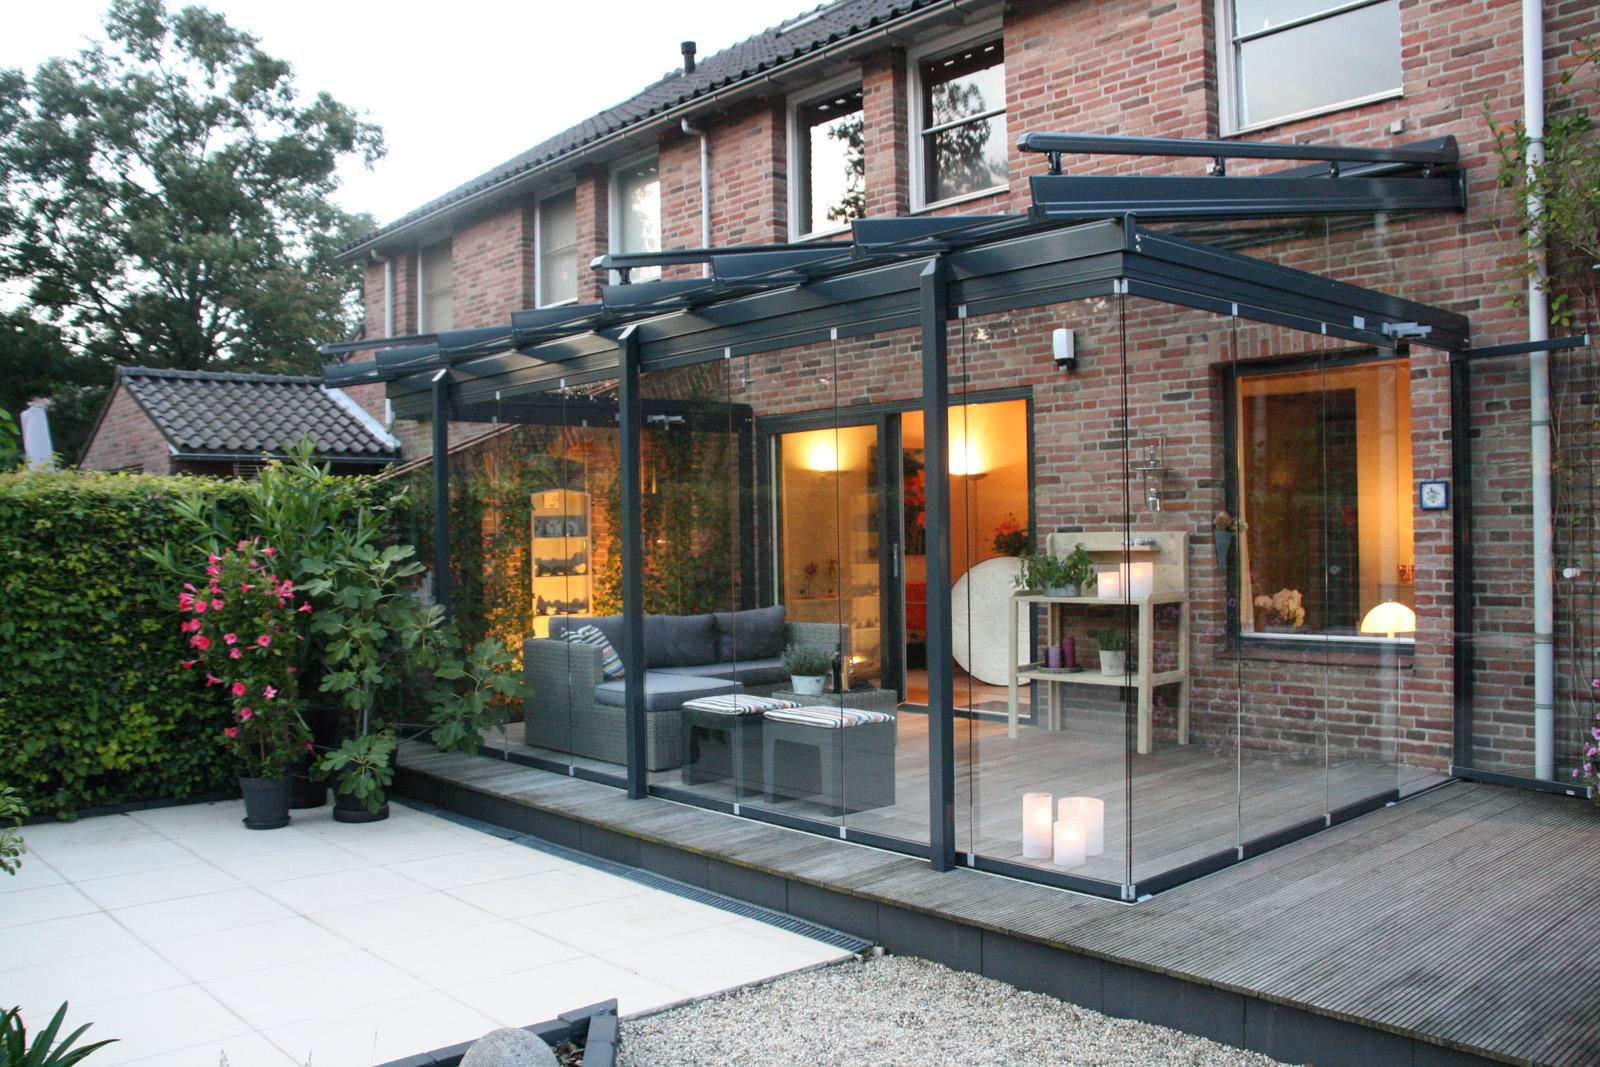 Terrassenuberdachung Von Solarlux Alu Glas Terrassendach Glashaus